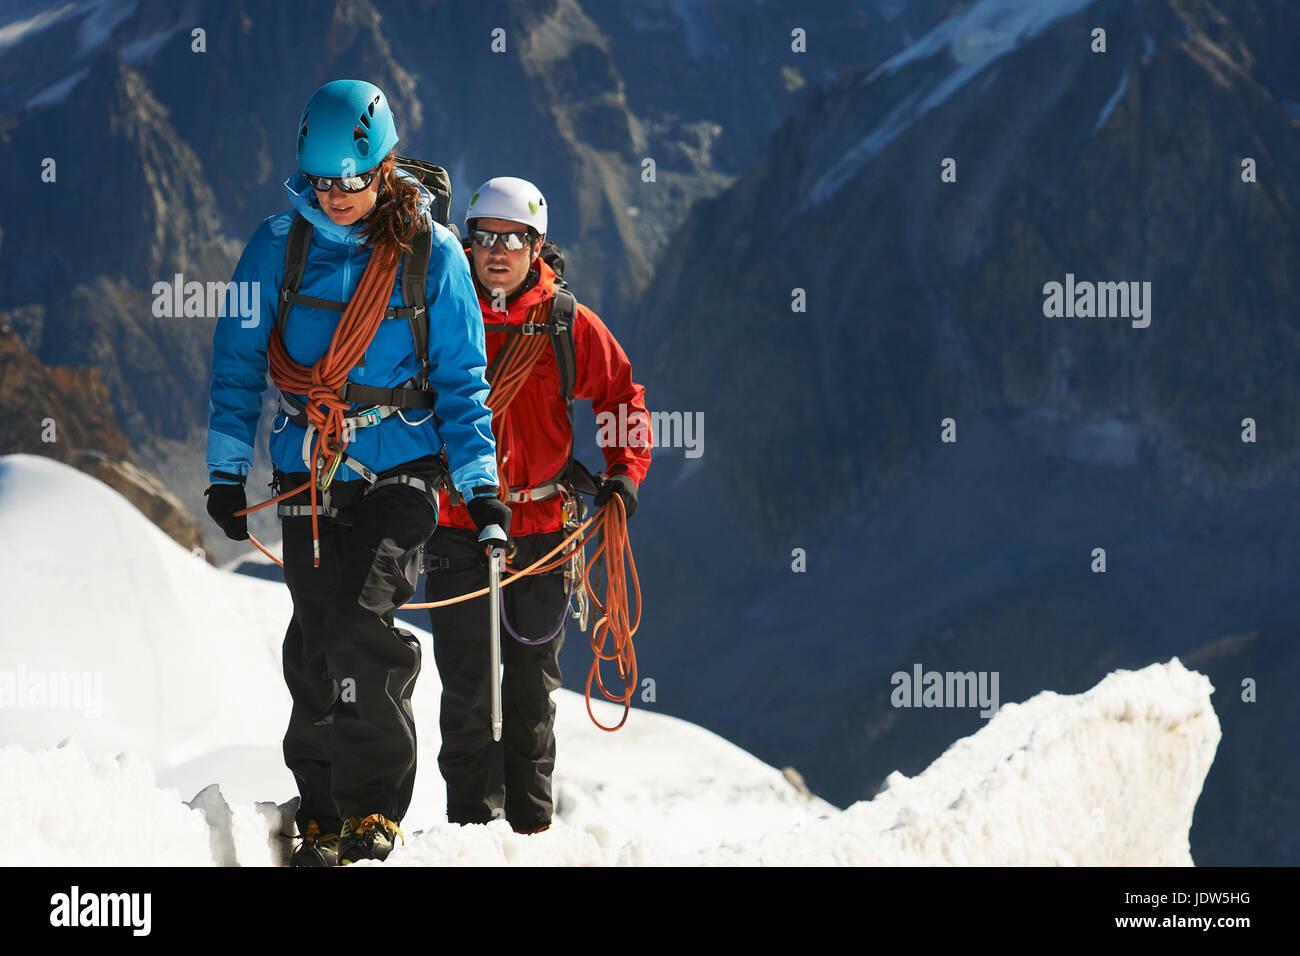 Mountaineers on mountain, Chamonix, Haute Savoie, France - Stock Image